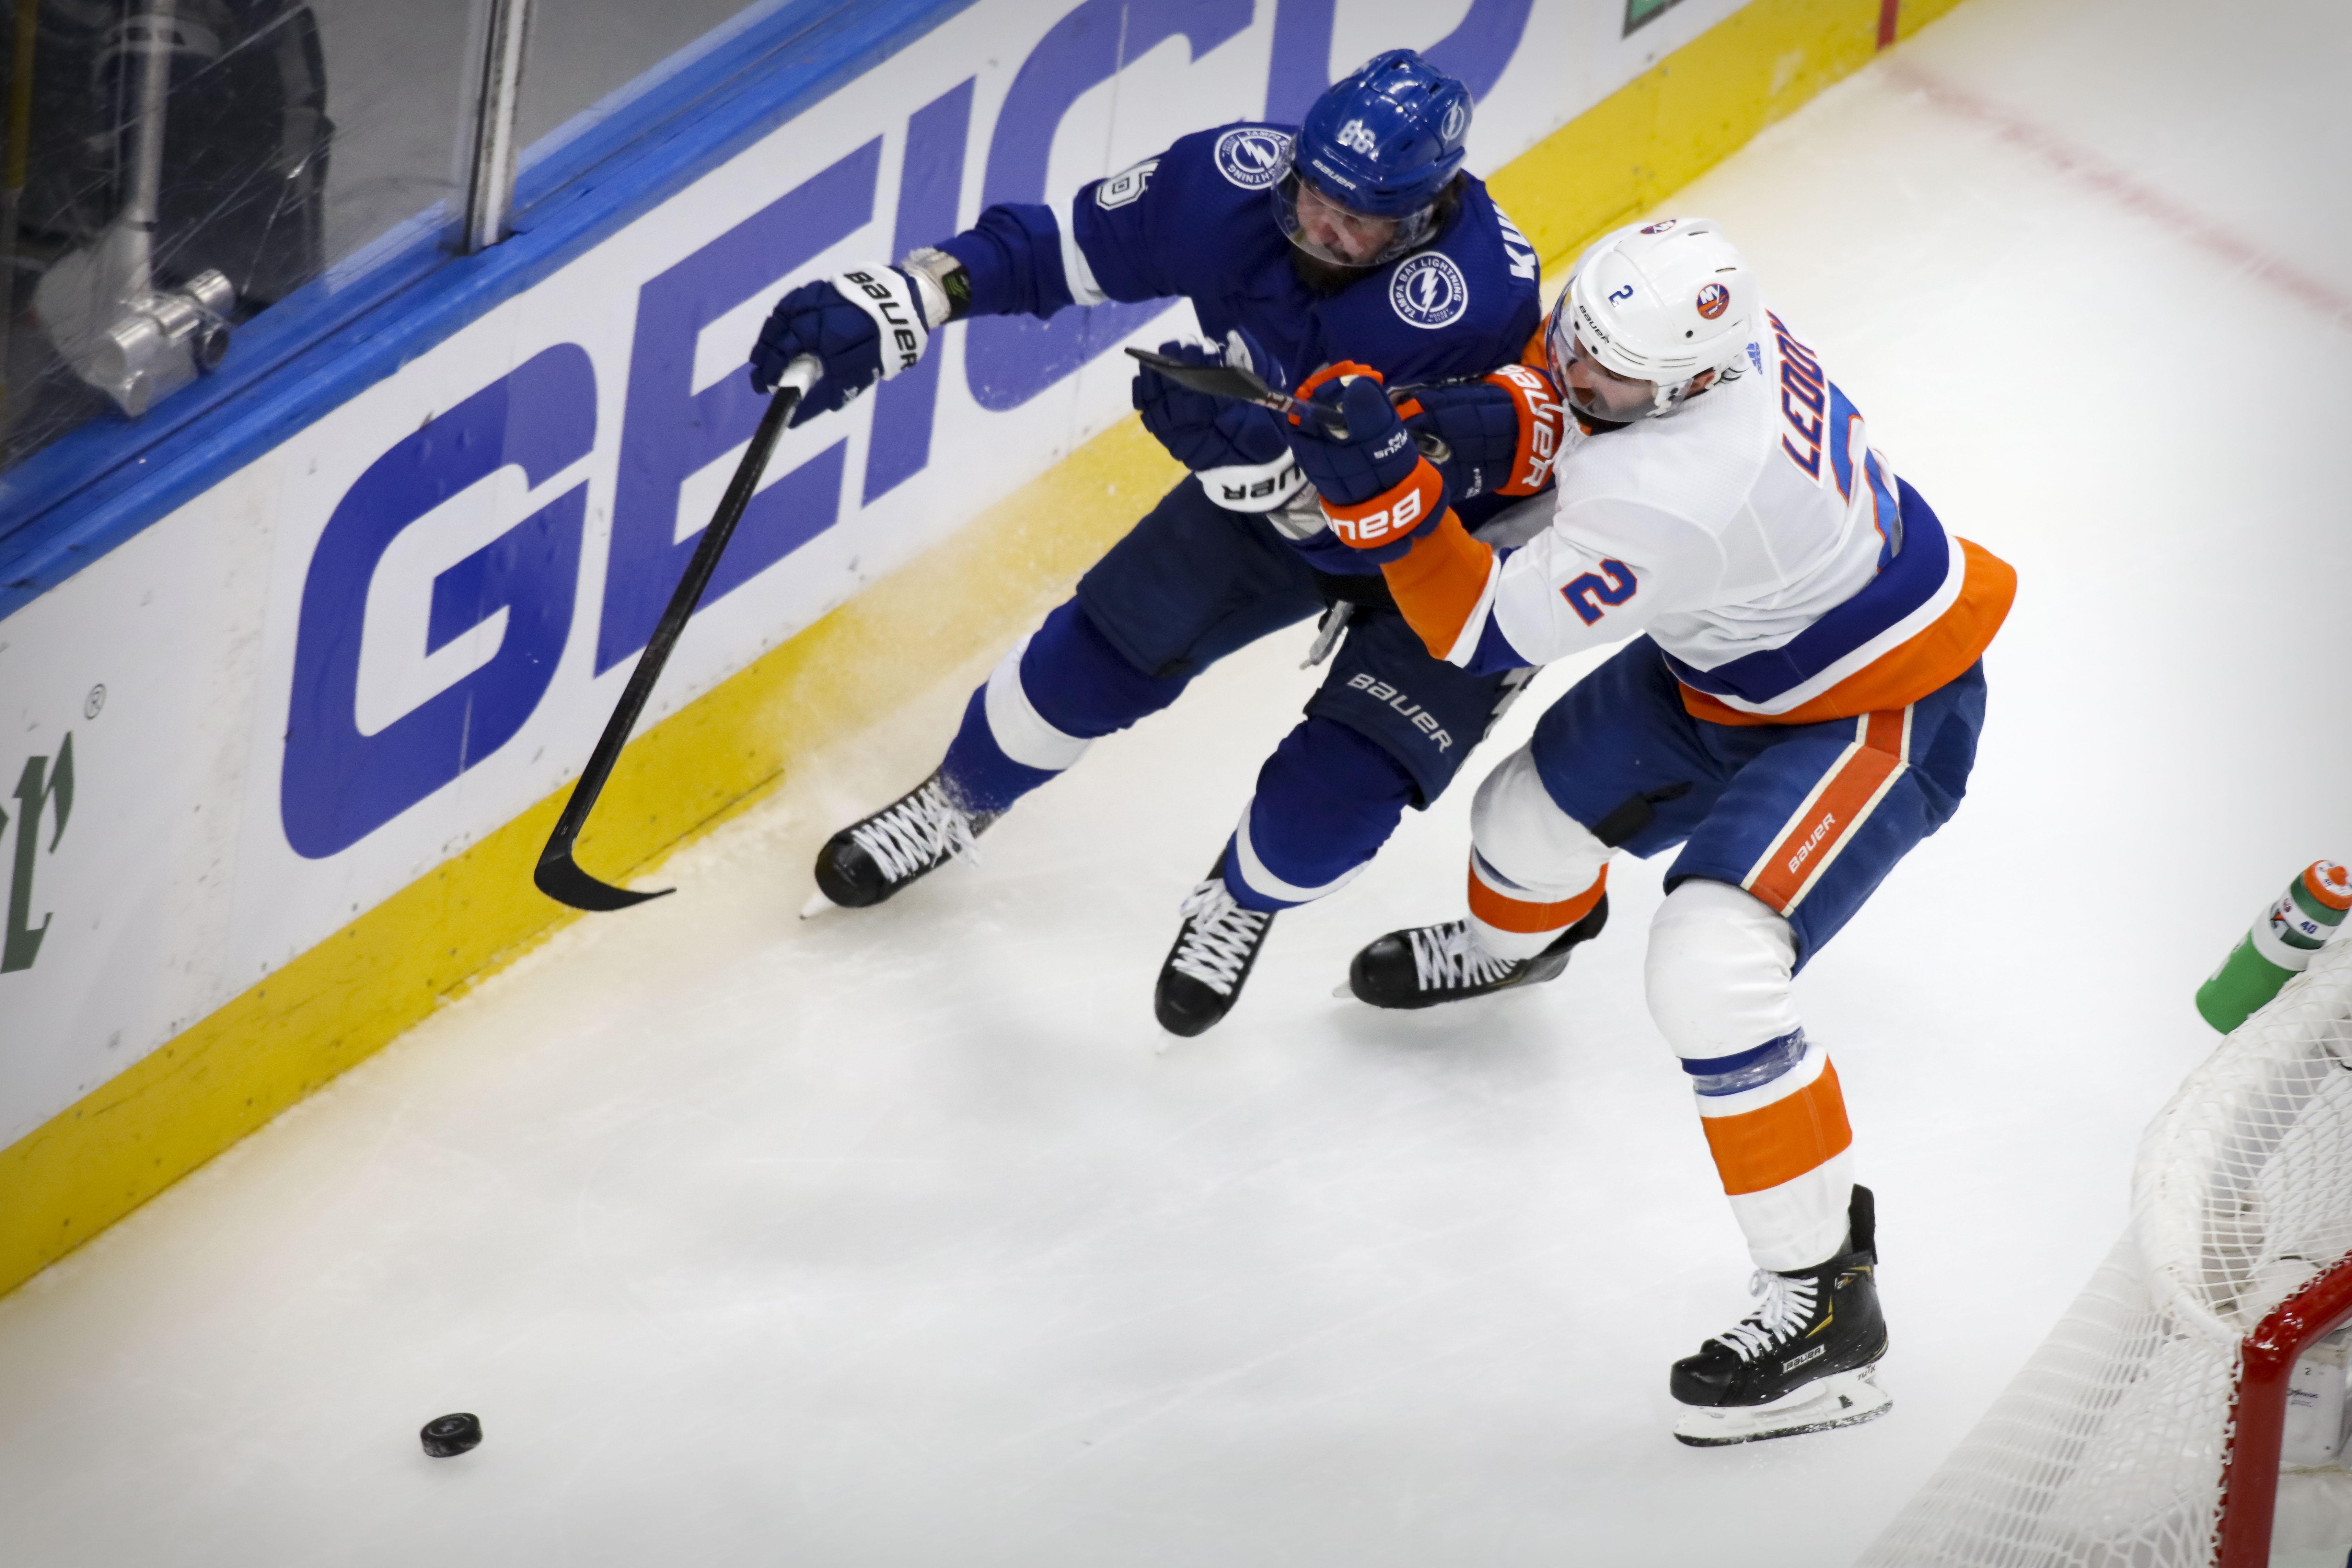 2020年斯坦利杯季后赛东部决赛第二场,坦帕湾闪电队右翼尼基塔·库切洛夫和纽约岛民队防守队员尼克·莱迪在第一节追逐冰球。